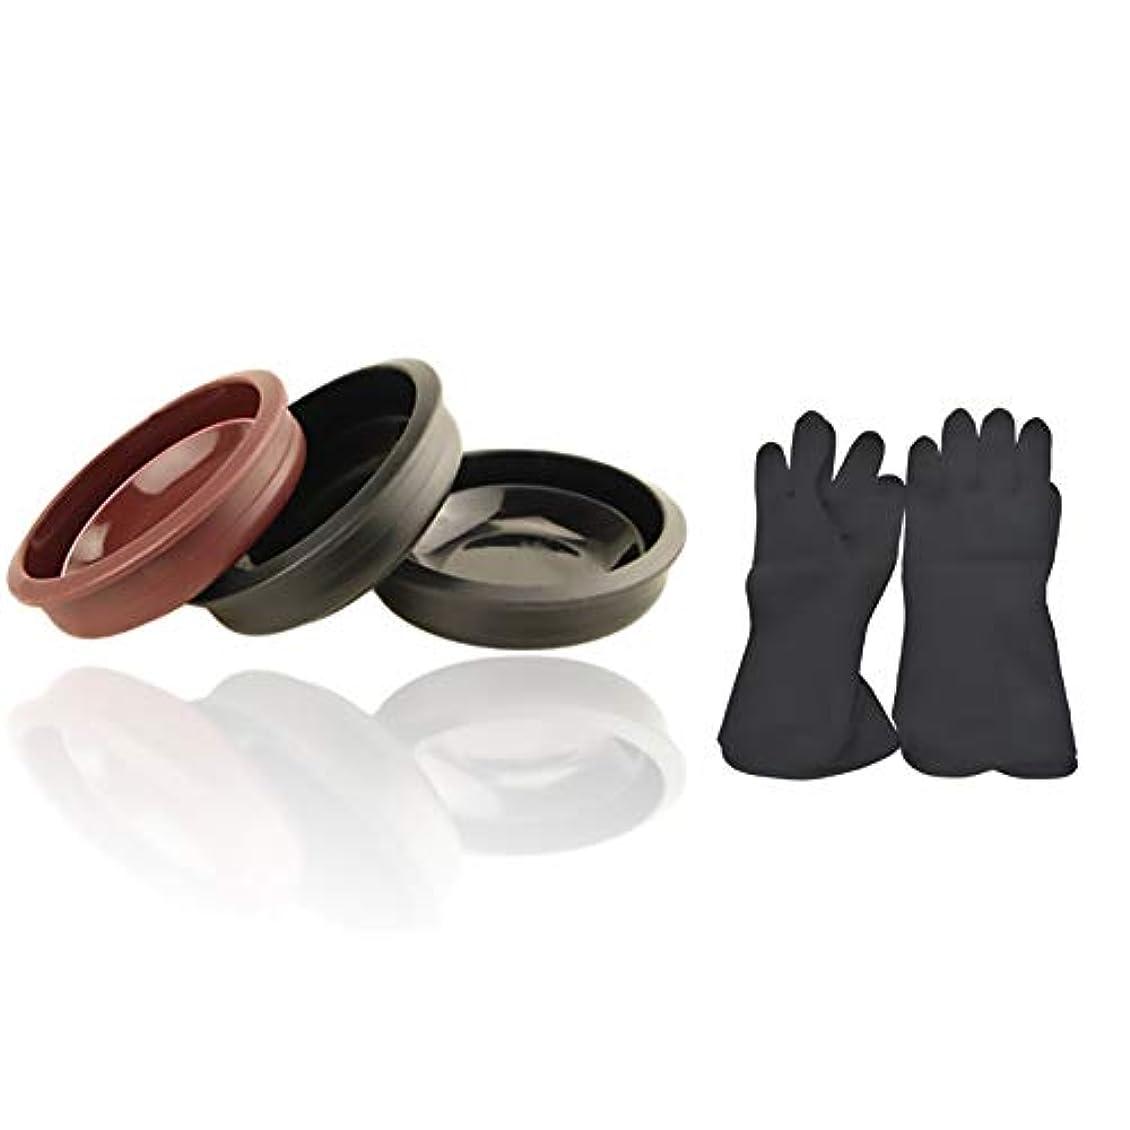 不和拒絶するデイジーTofover 3ピースヘアカラーミキシングボウルと20カウントヘアダイ手袋、黒の再利用可能なゴム手袋、ヘアサロンヘア染色のためのプロのヘアカラーツールキット